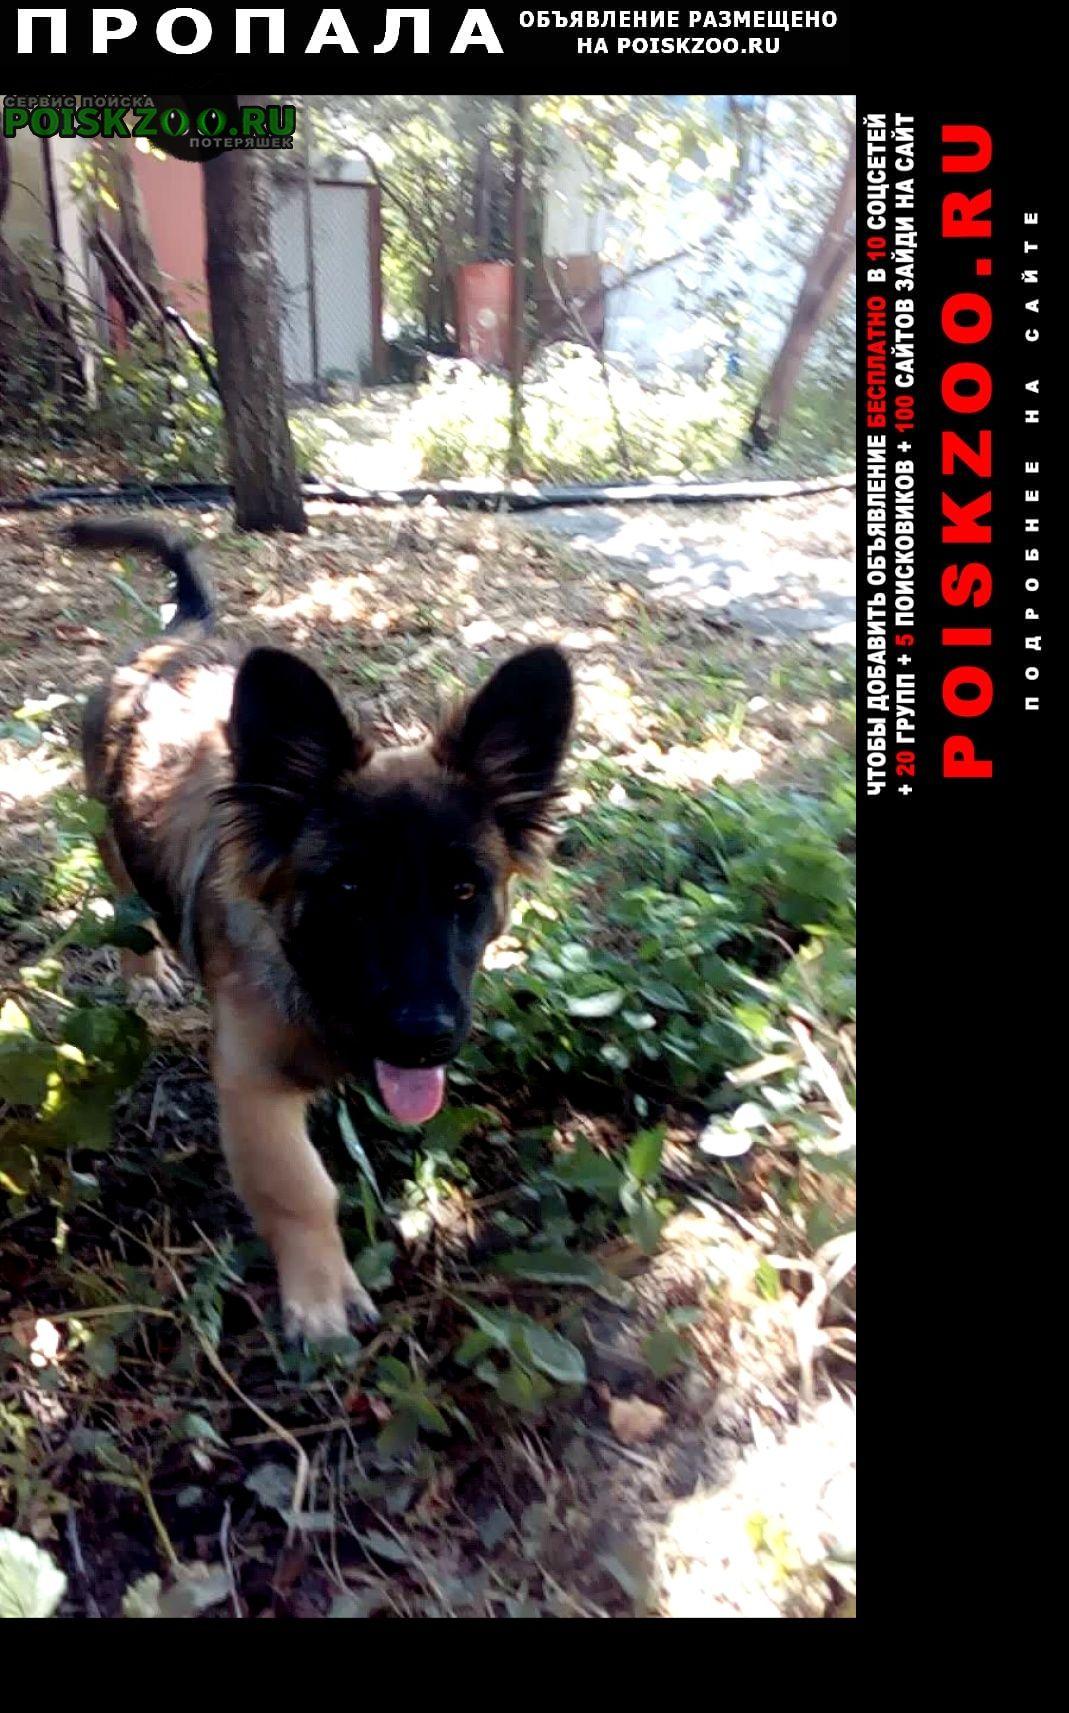 Пропала собака помогите, пожалуйста, найти  Новороссийск